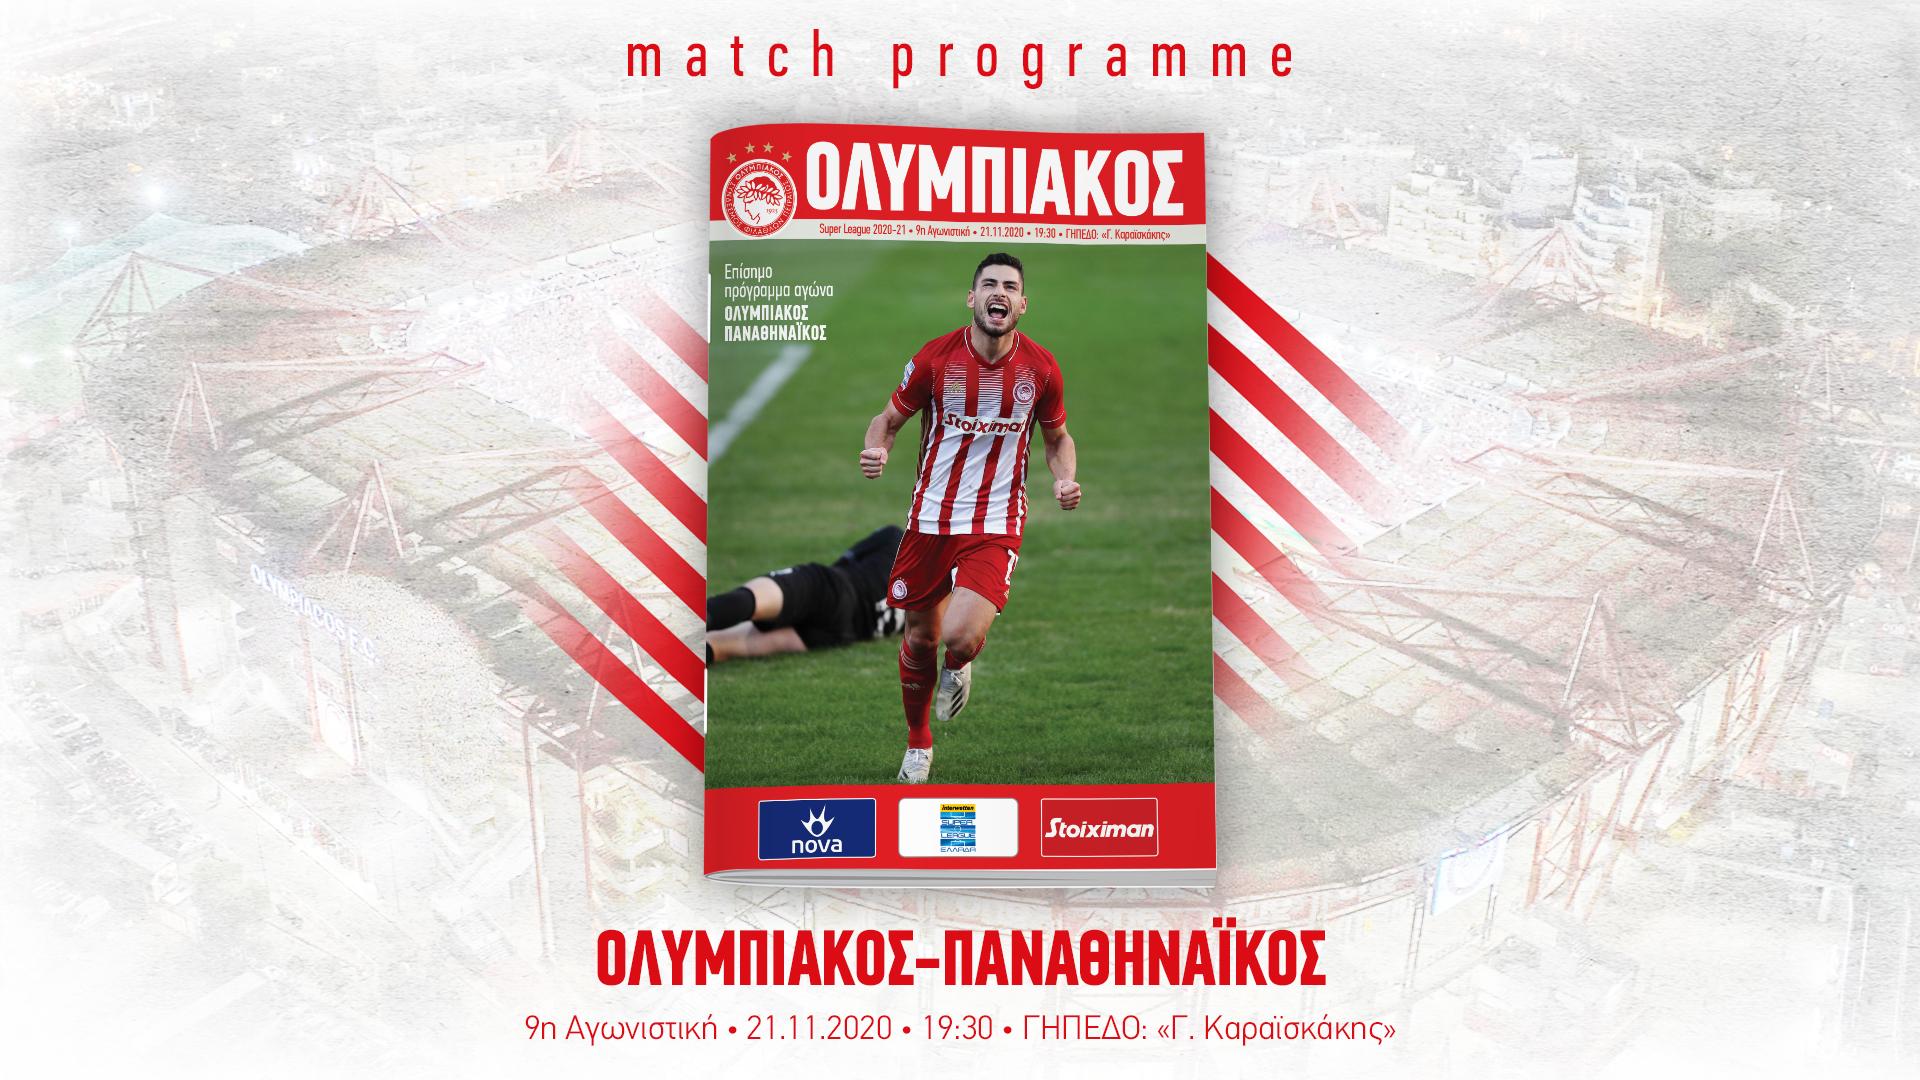 Το Match Programme του αγώνα Ολυμπιακός-Παναθηναϊκός